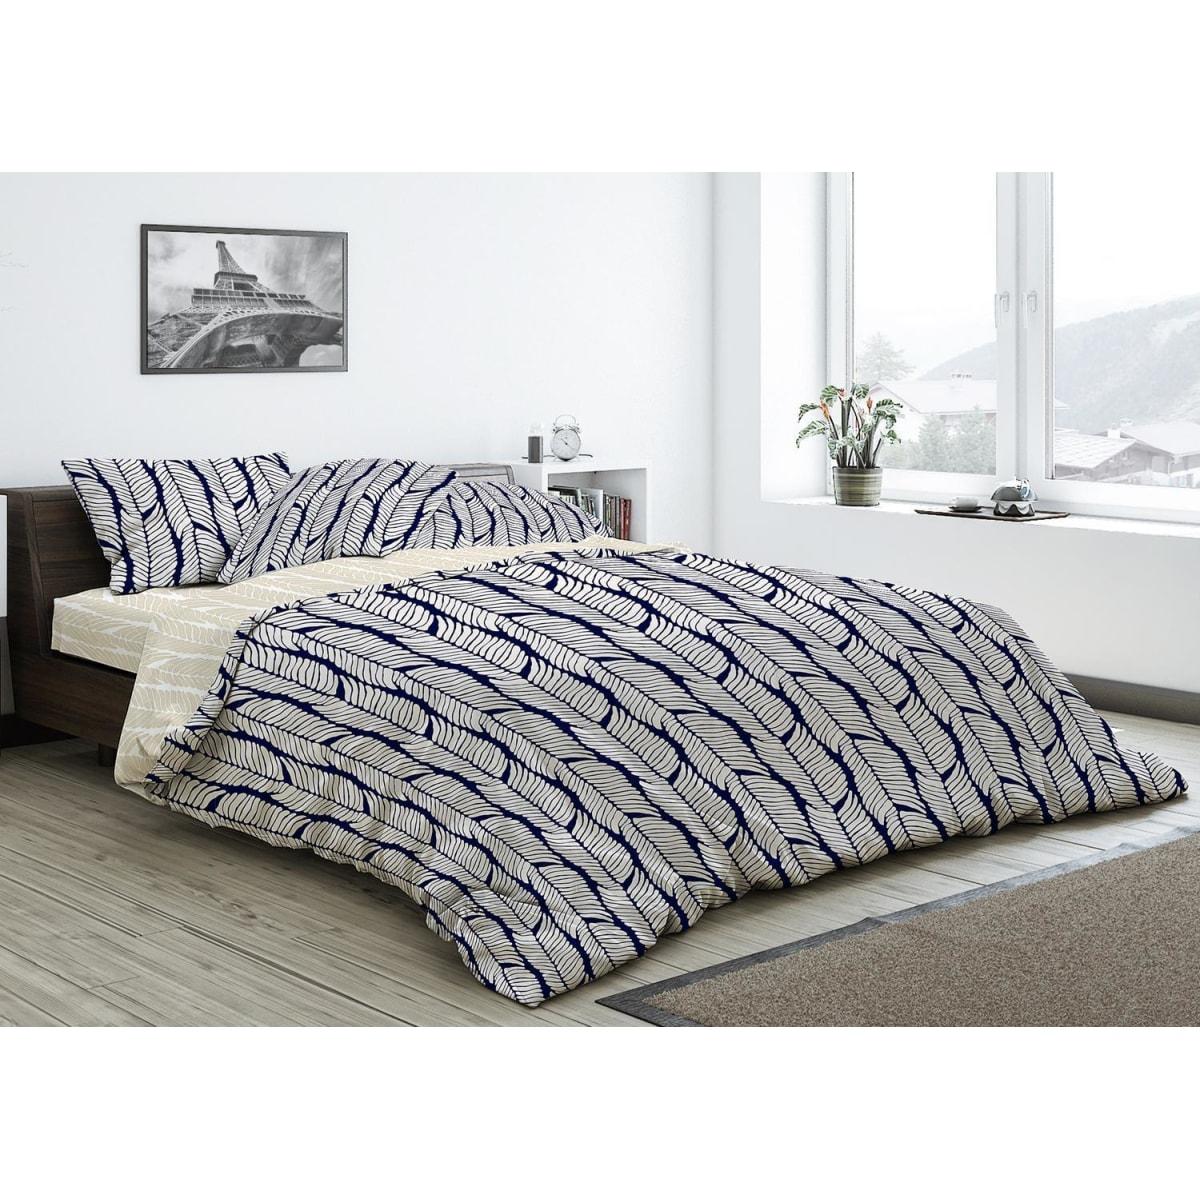 Комплект постельного белья полутораспальный Шуйские ситцы Мастерская снов с2010шв97761, бязь